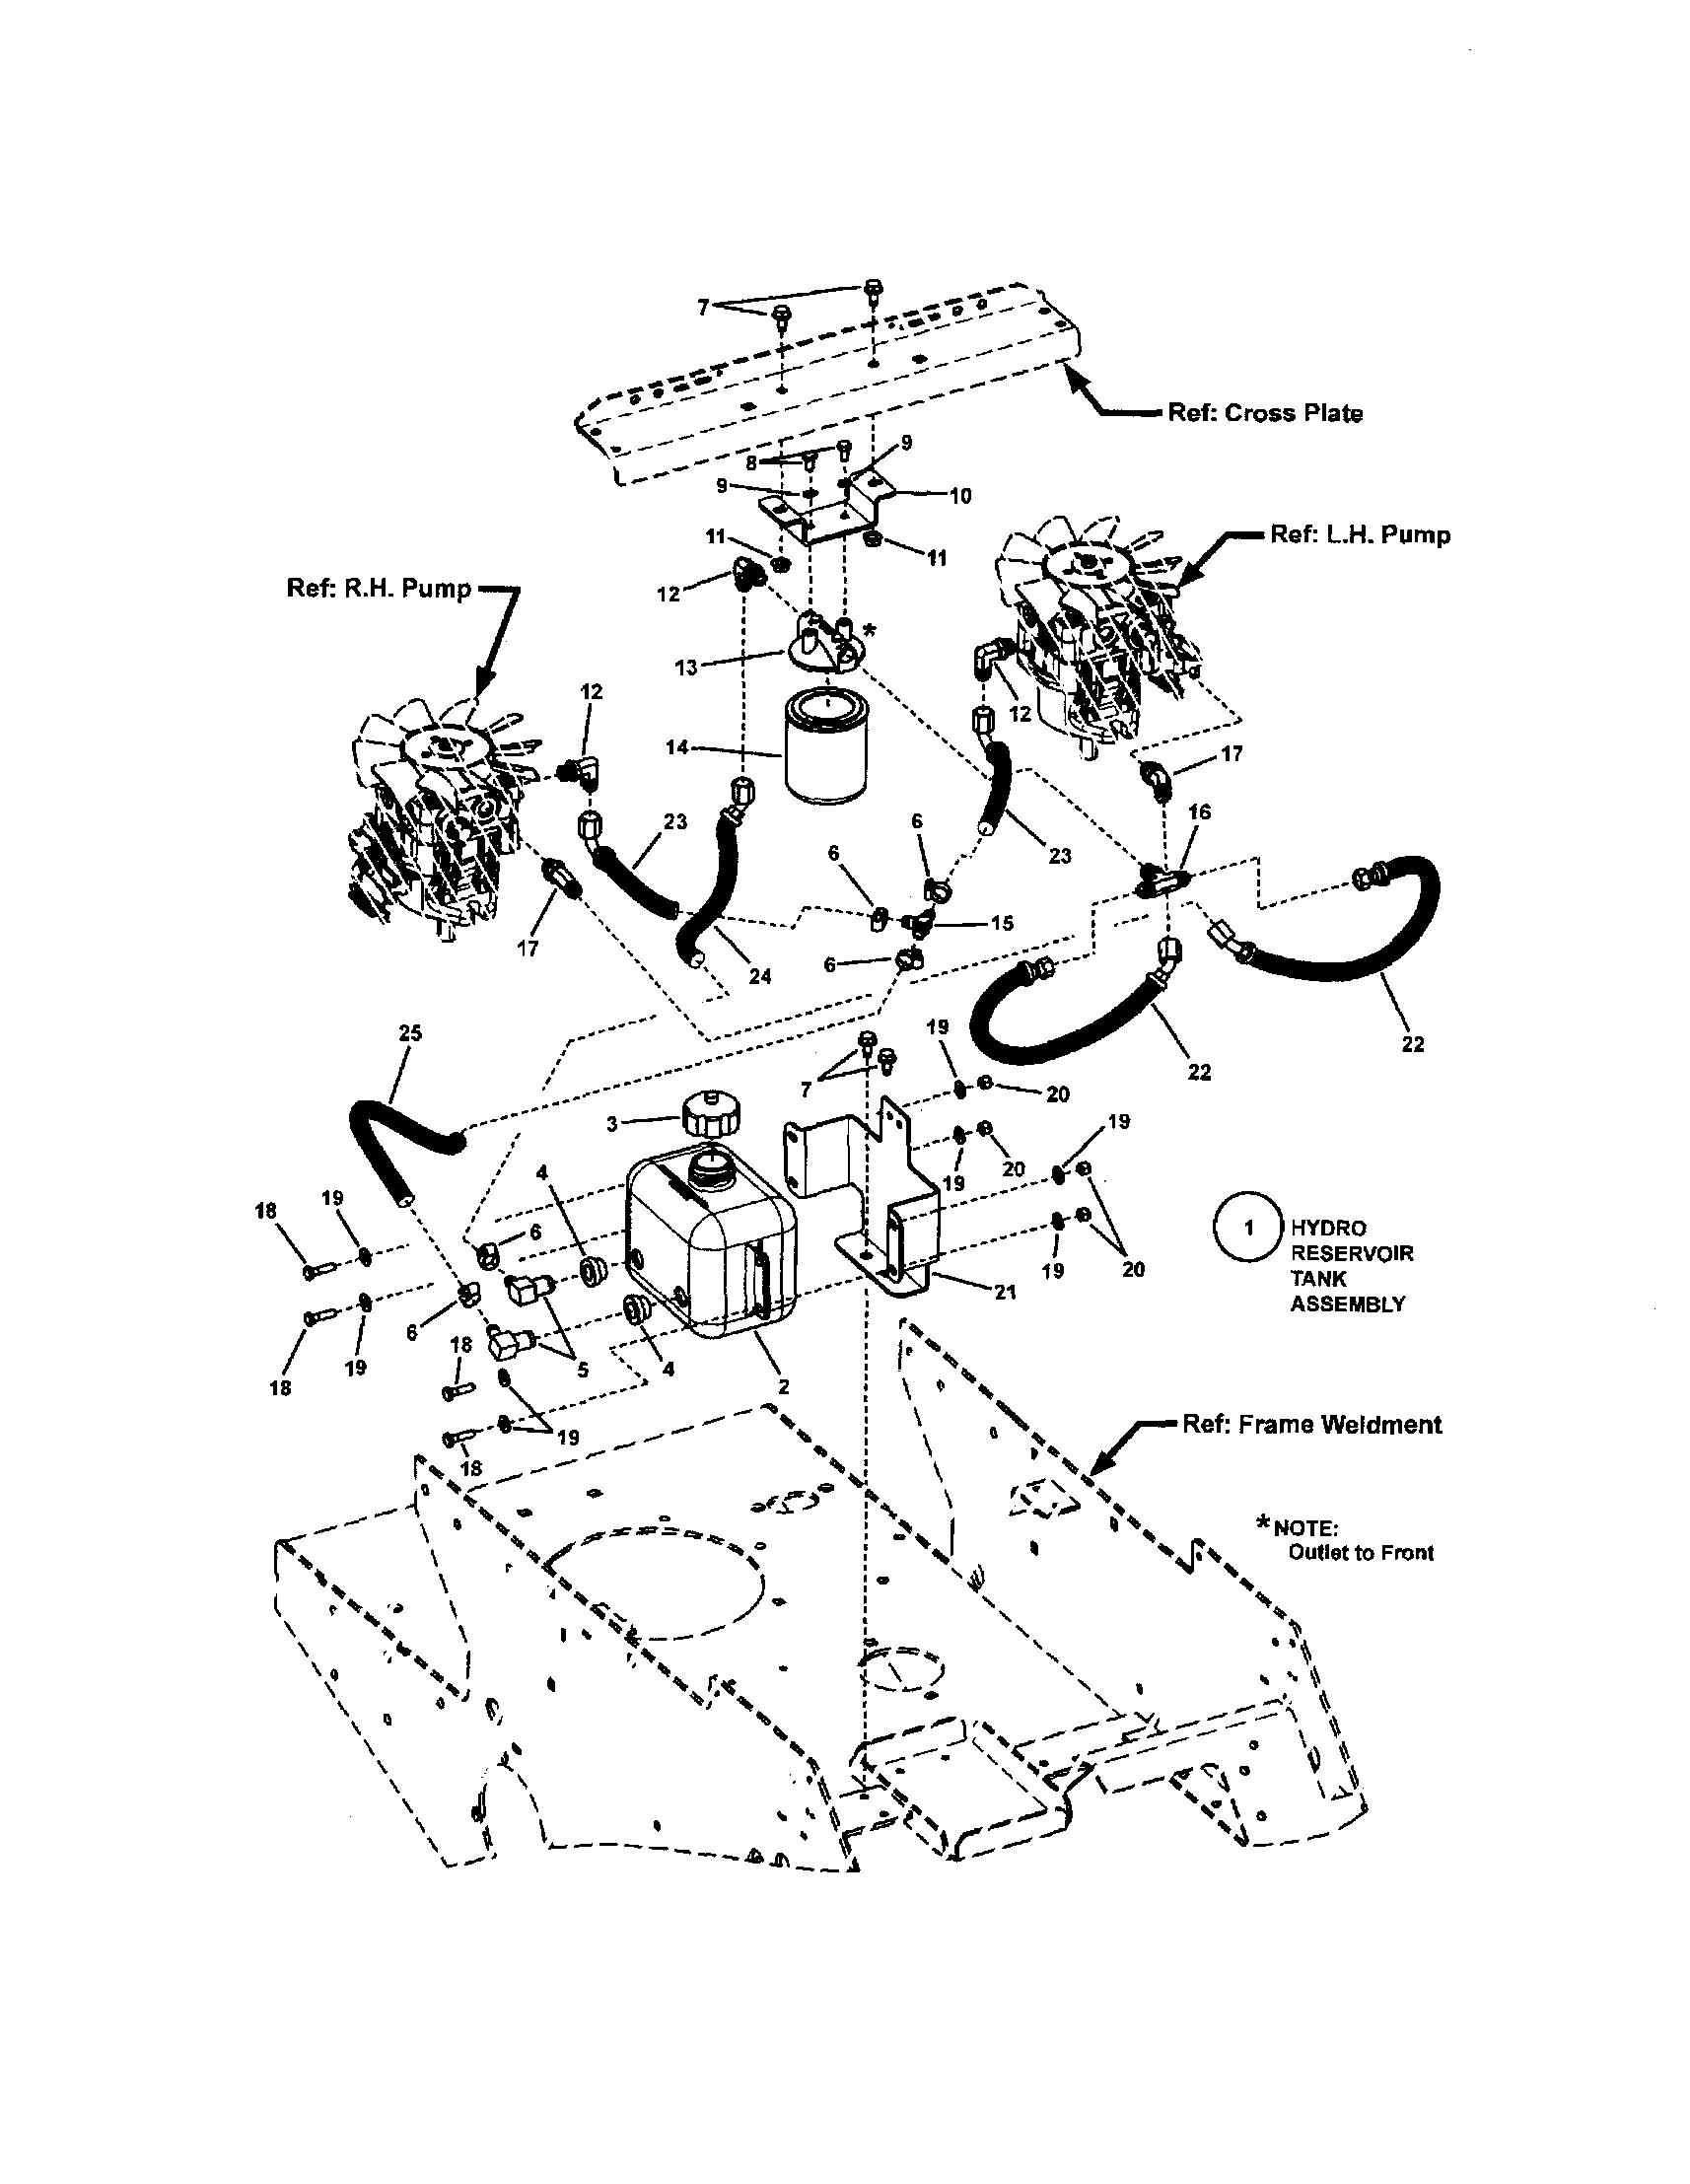 wiring schematic briggs diagram parts list for model czt19481kwv